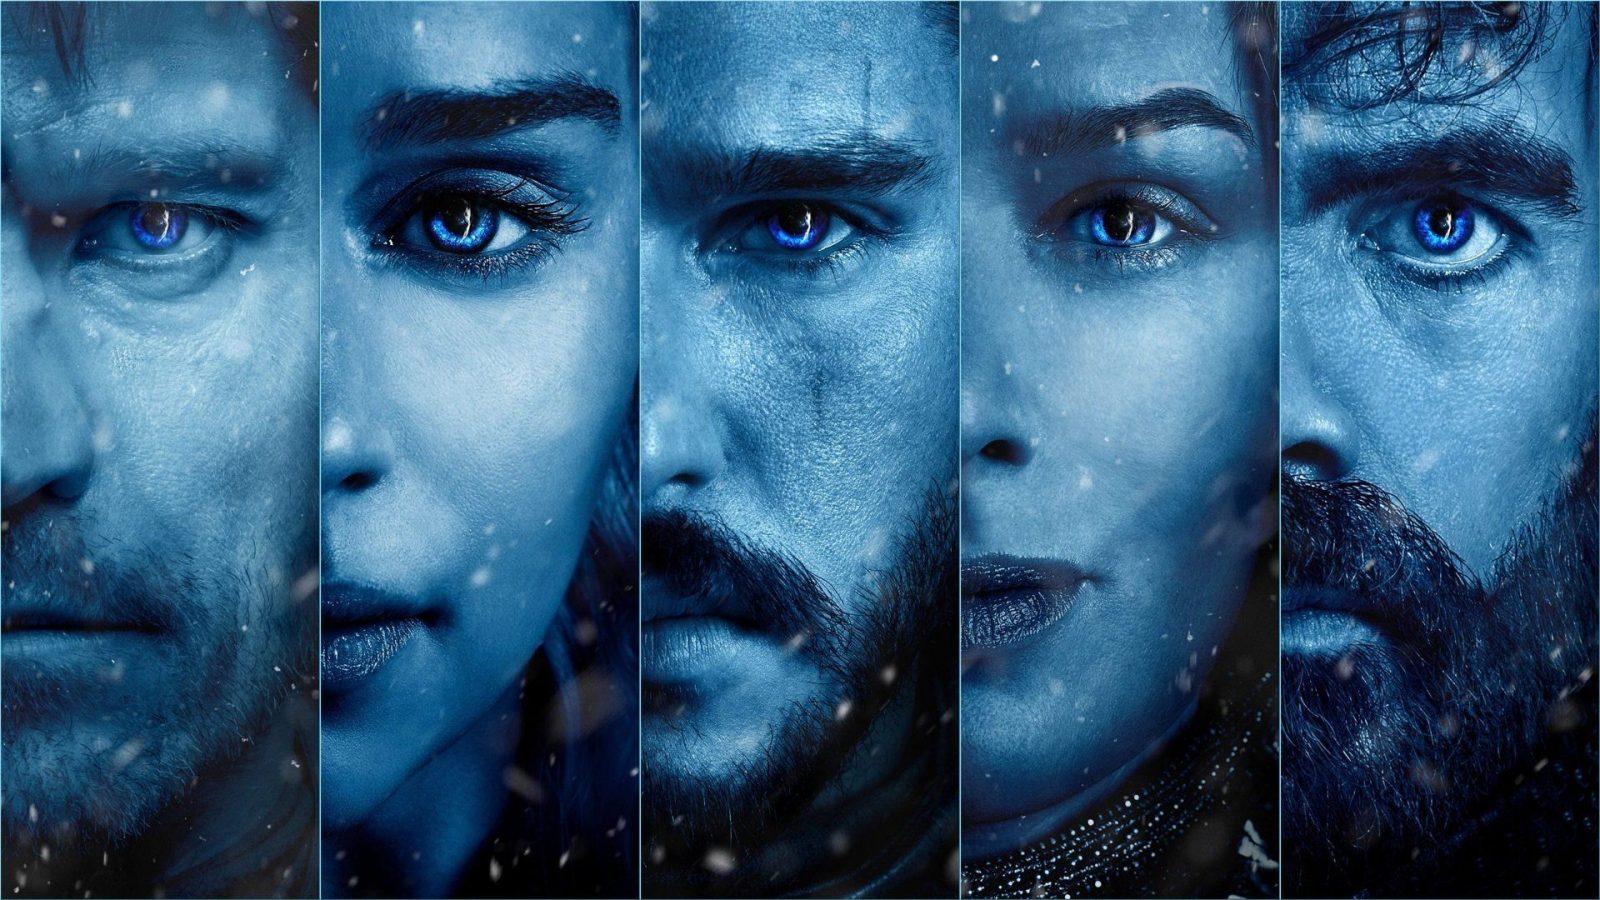 Фанаты «Игры престолов» создали петицию с требованием переснять 8 сезон